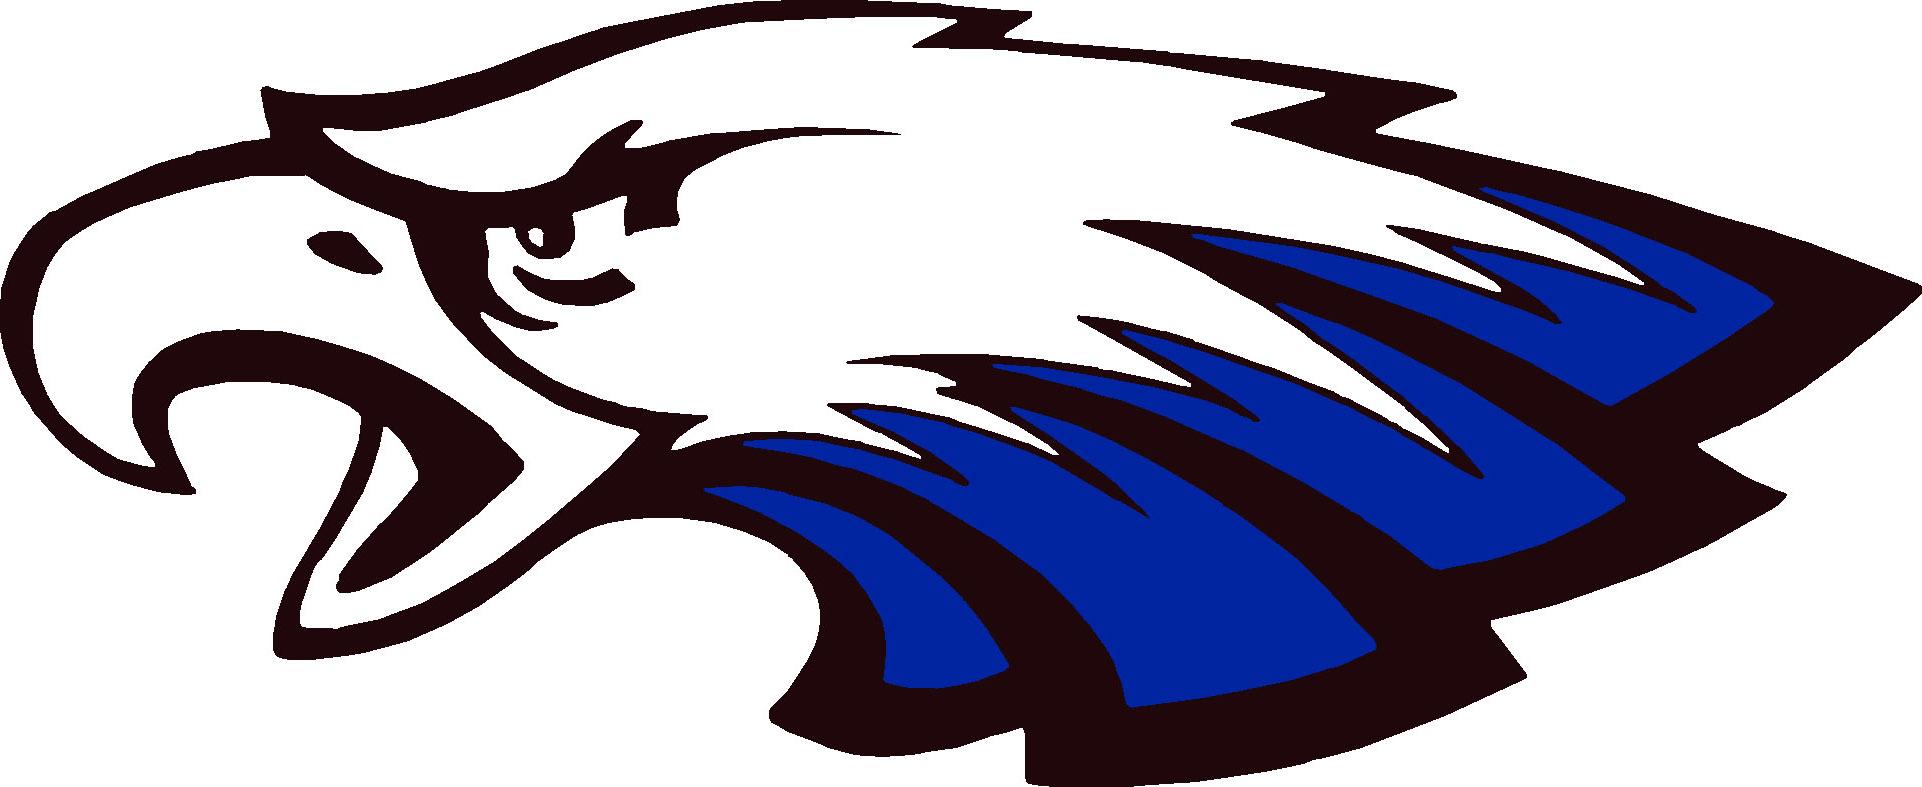 Eagle Football Logo Girls' nickname: eagles Eagle Football Logo